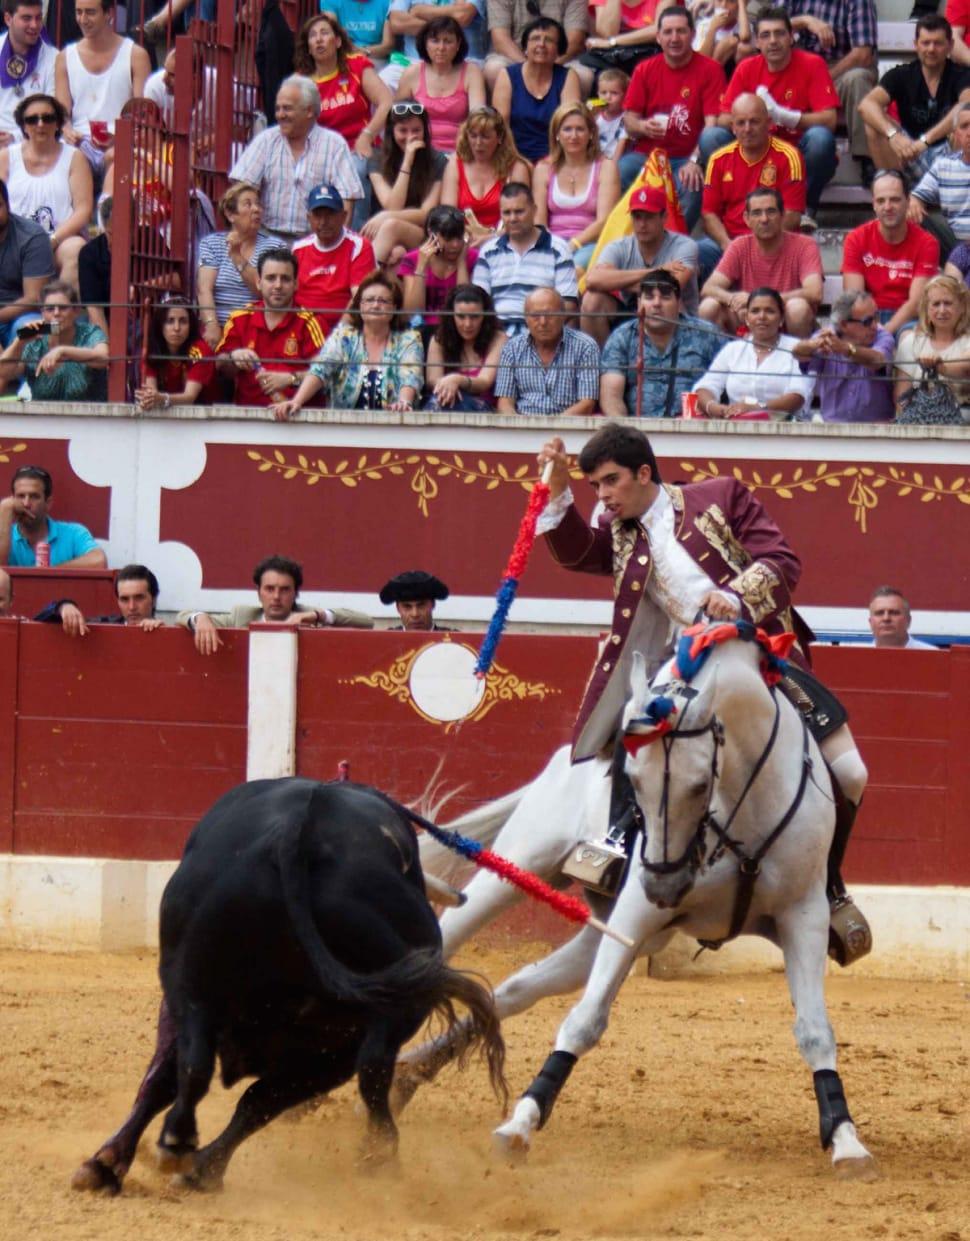 Corrida de Rejones in Valencia - Best Season